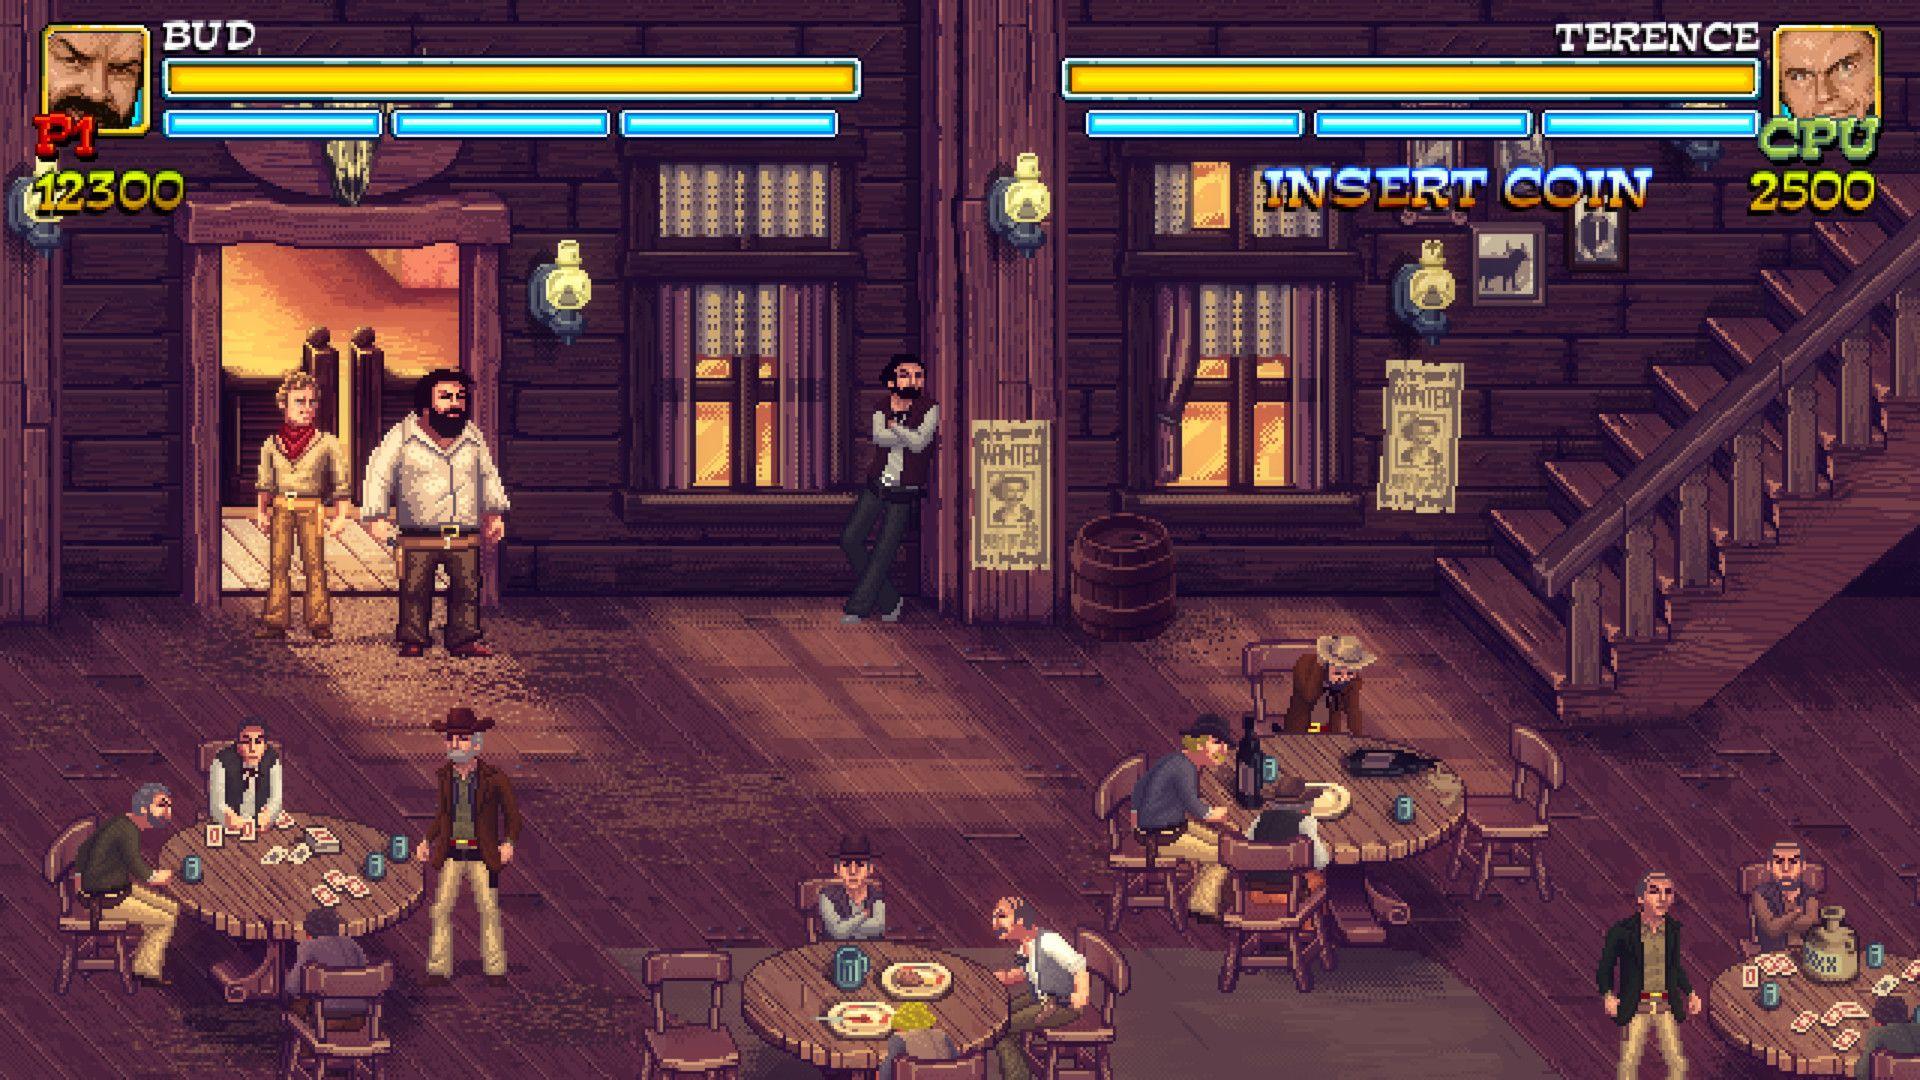 Ya está disponible el juego completo de Bud Spencer y Terence Hill